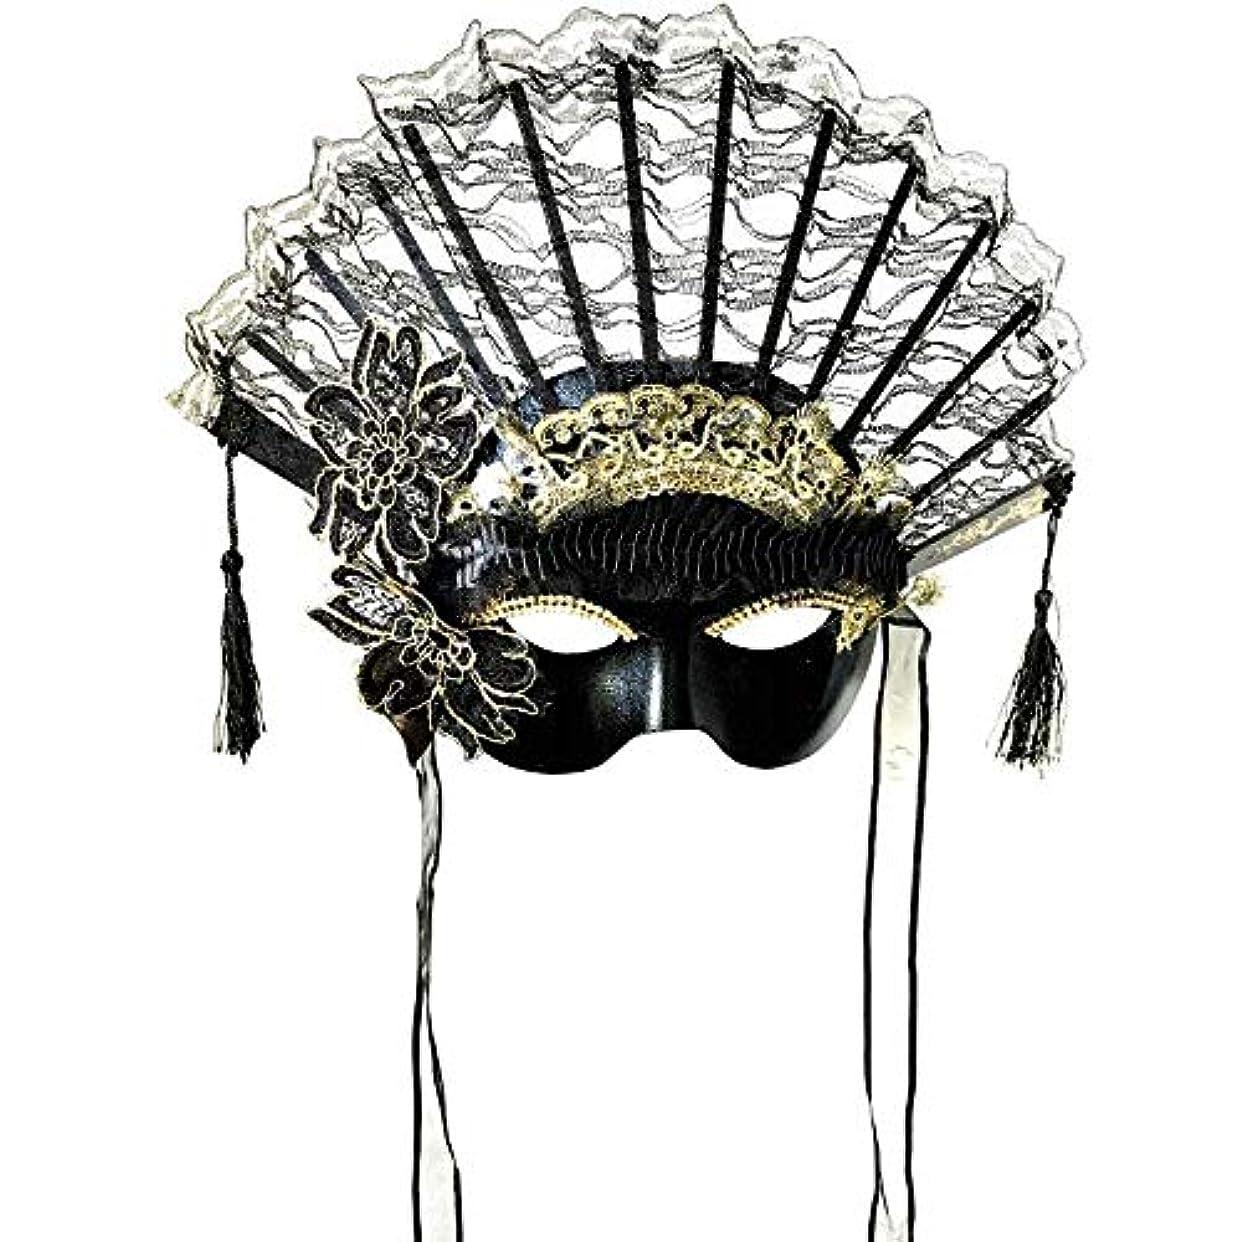 順応性のあるエッセンス靄Nanle ハロウィンクリスマスレースファンシェイプフラワーフリンジビーズマスク仮装マスクレディミスプリンセス美容祭パーティーデコレーションマスク (色 : Black B)